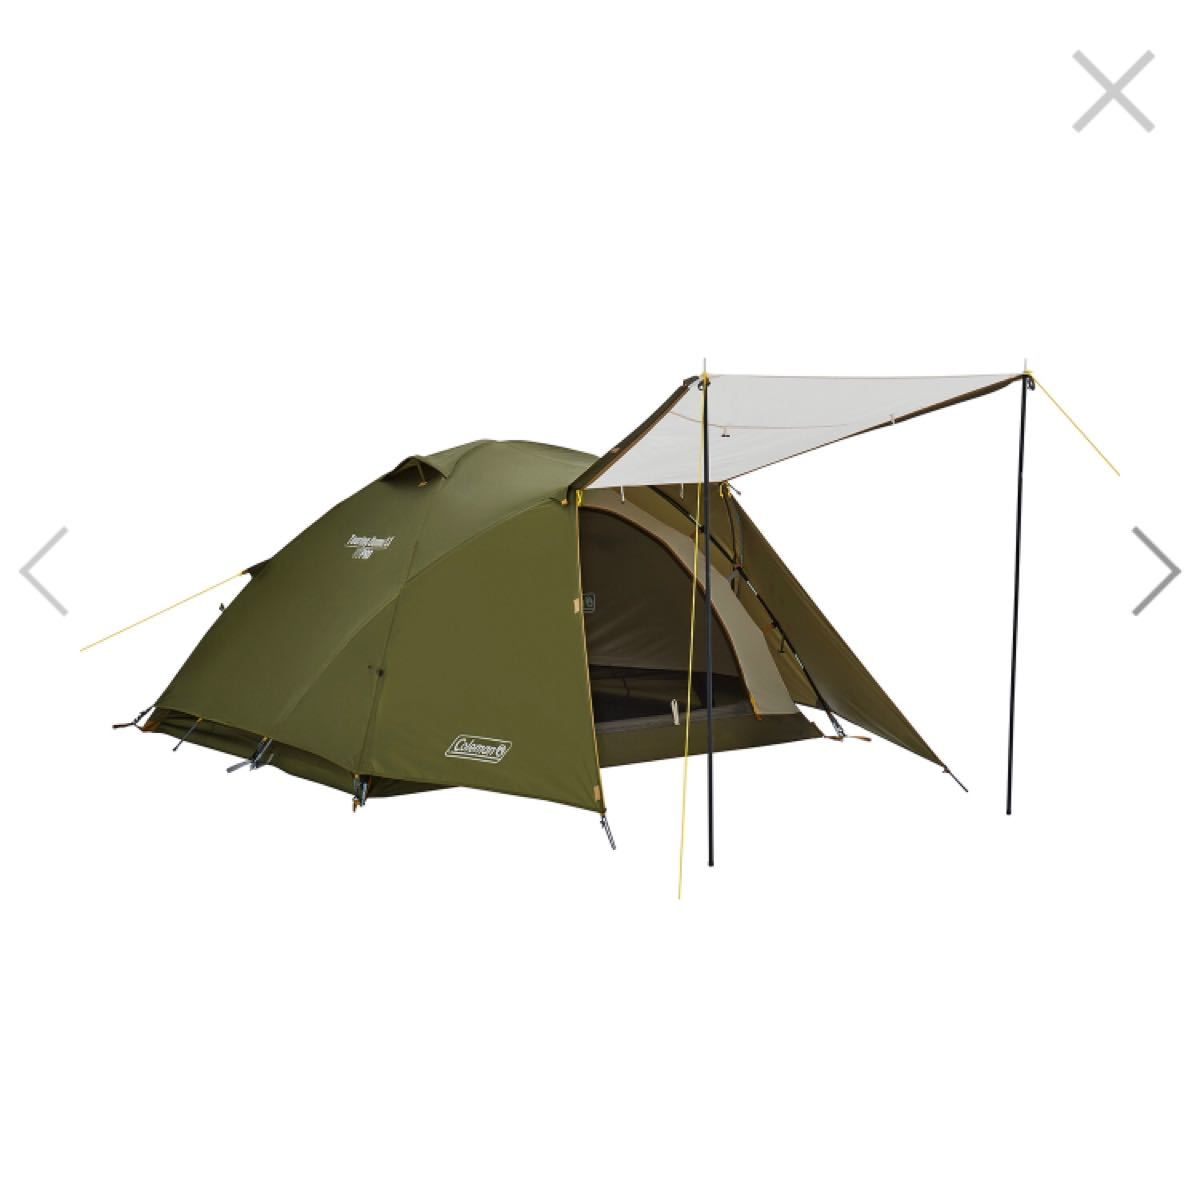 完売★新品 Coleman コールマン ツーリングドーム/LX 2〜3人用 キャンプ テント タープ 焚き火 snow peak